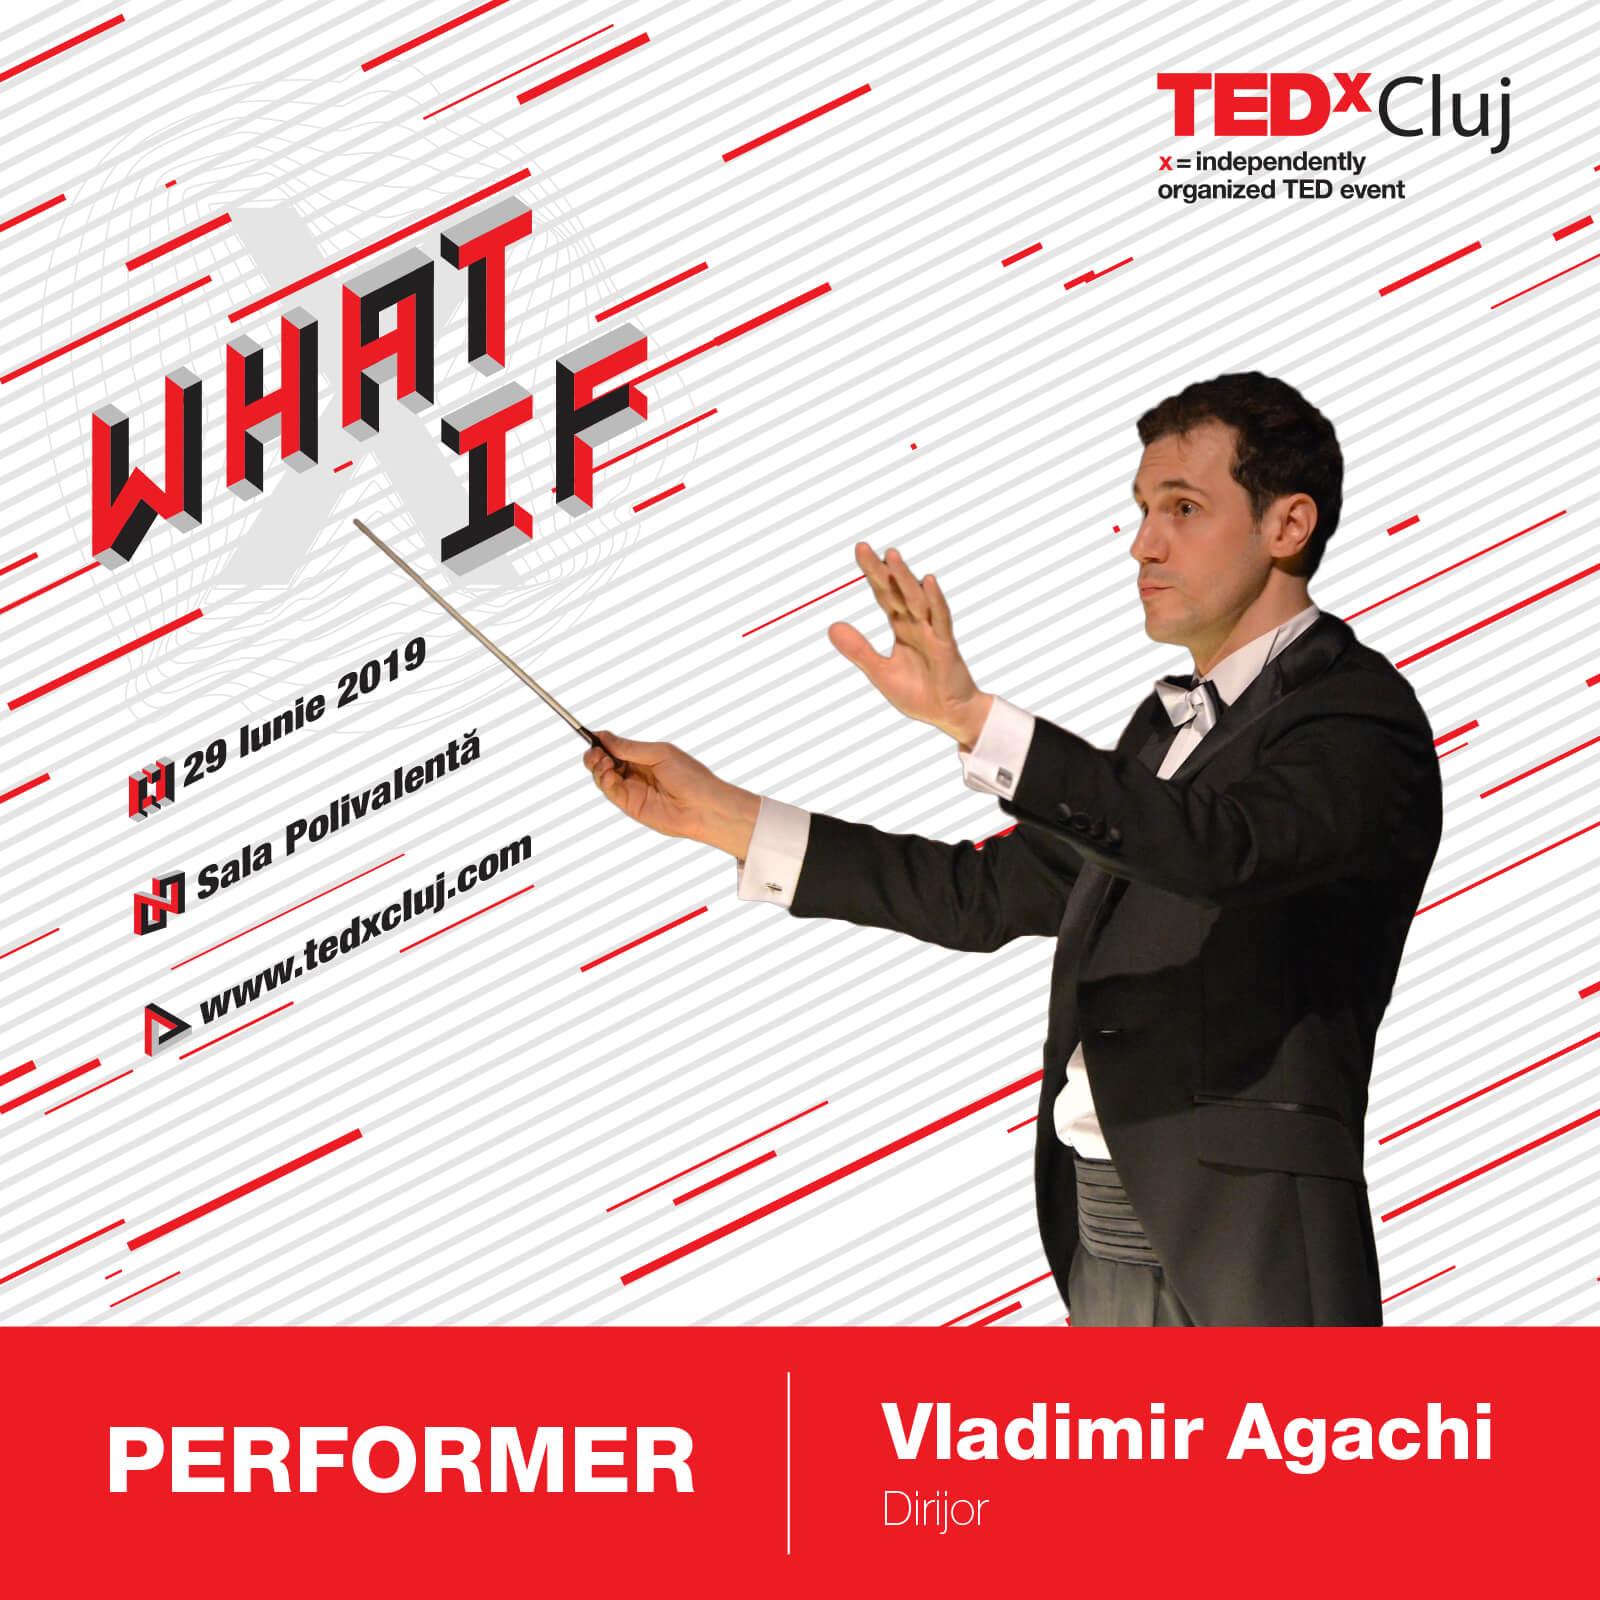 Vladimir Agachi TEDxCluj 2019